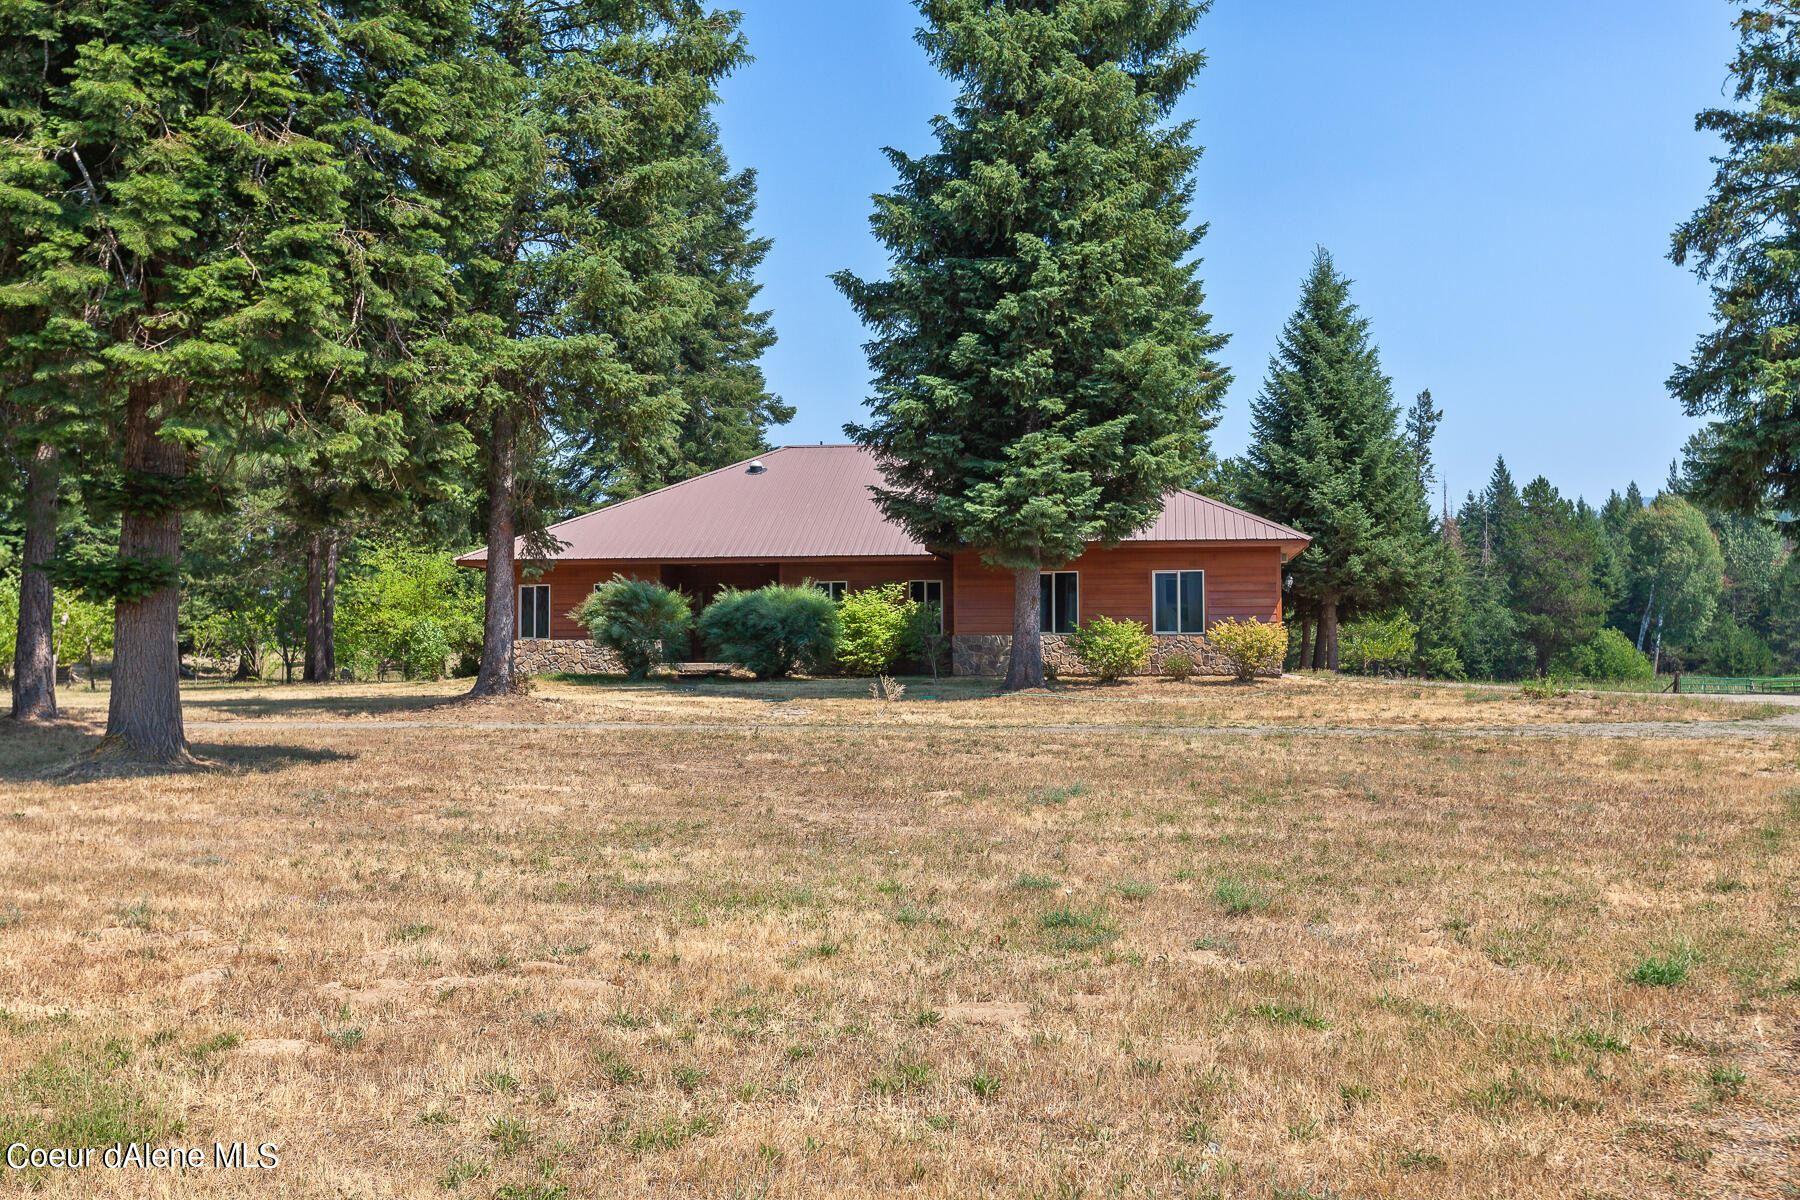 Photo of 141 Moran Meadows Raod, Careywood, ID 83809 (MLS # 21-7495)